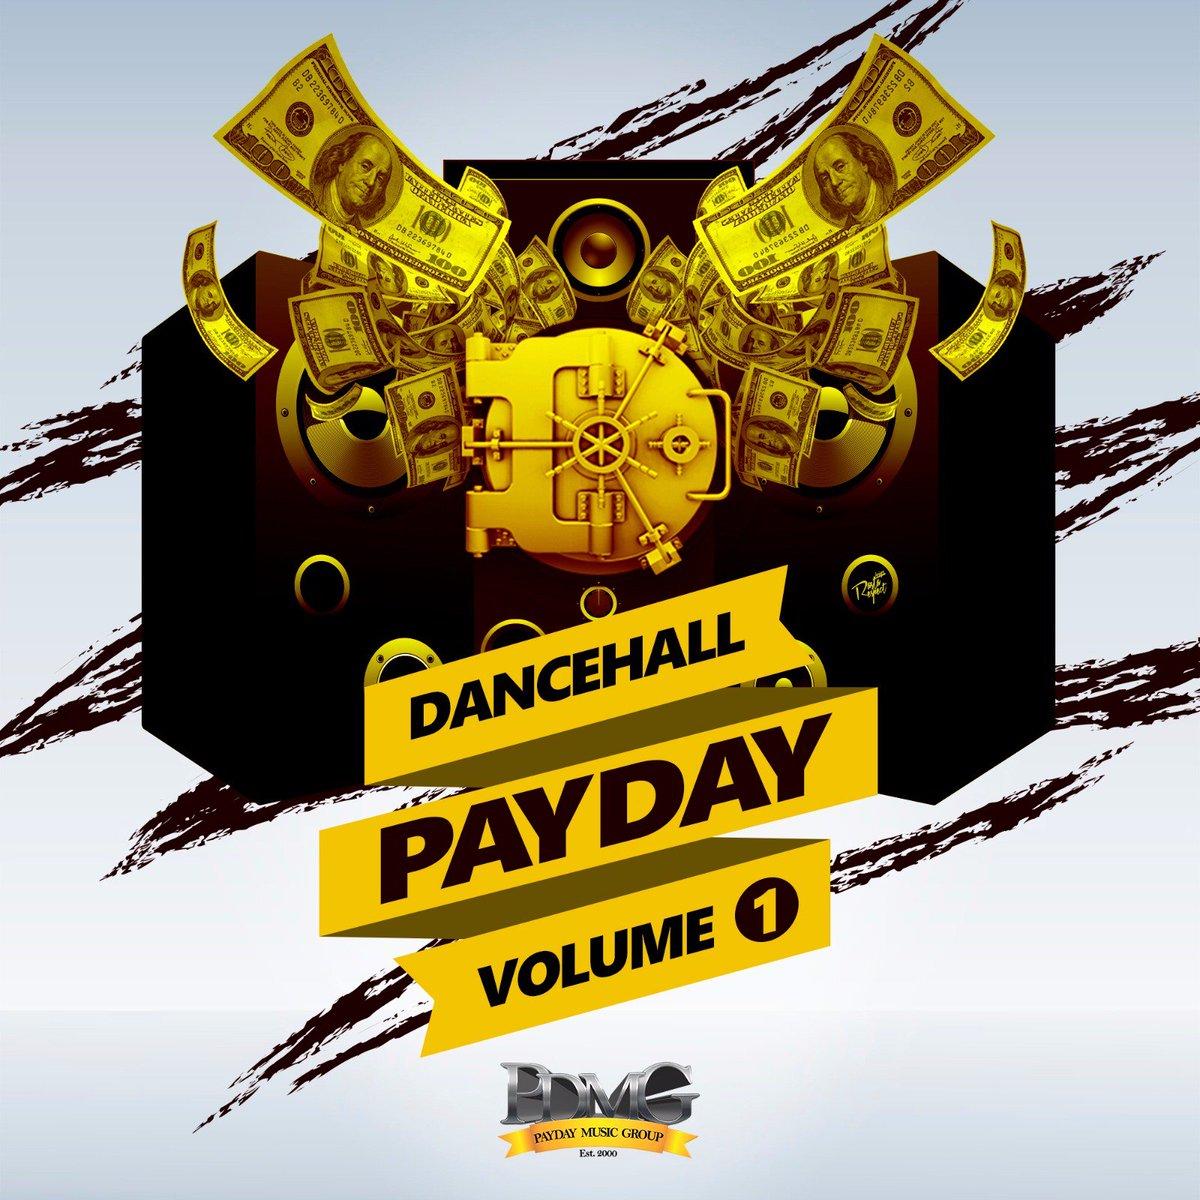 Dance hall payday volume1 now on iTunes Ft @GrungGaadZillA @KingBeenieMan @iyaraang @Waynewonder25 @FreeBujuNow https://t.co/w6A0kWXopx